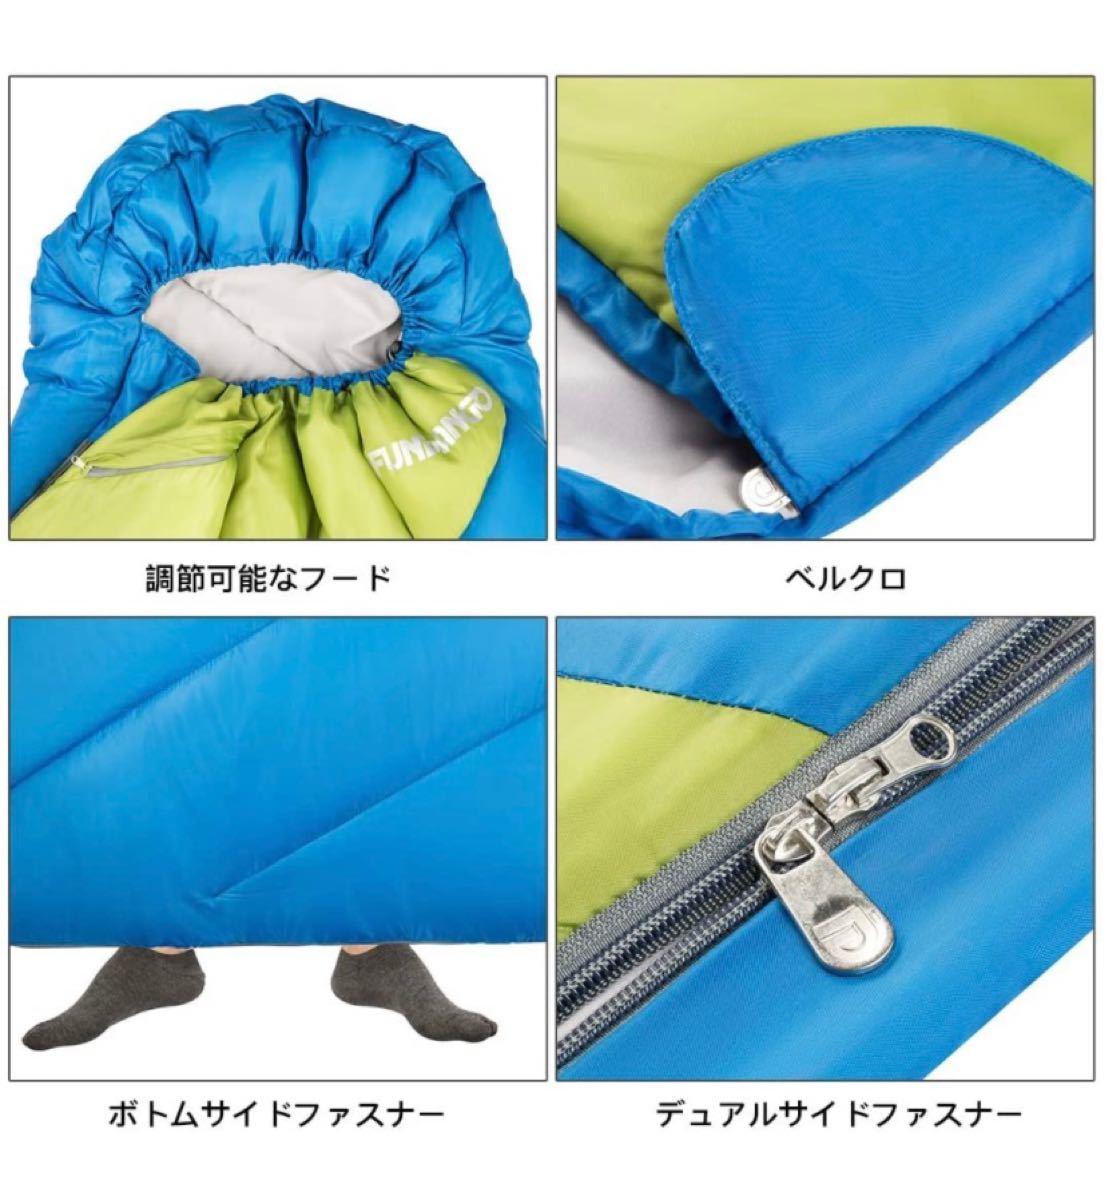 寝袋 シュラフ 封筒型 四季適応 コンパクト ゆったりのサイズ 丸洗い 防水 軽量 シングル ダブル アウトドア キャンプ 防災